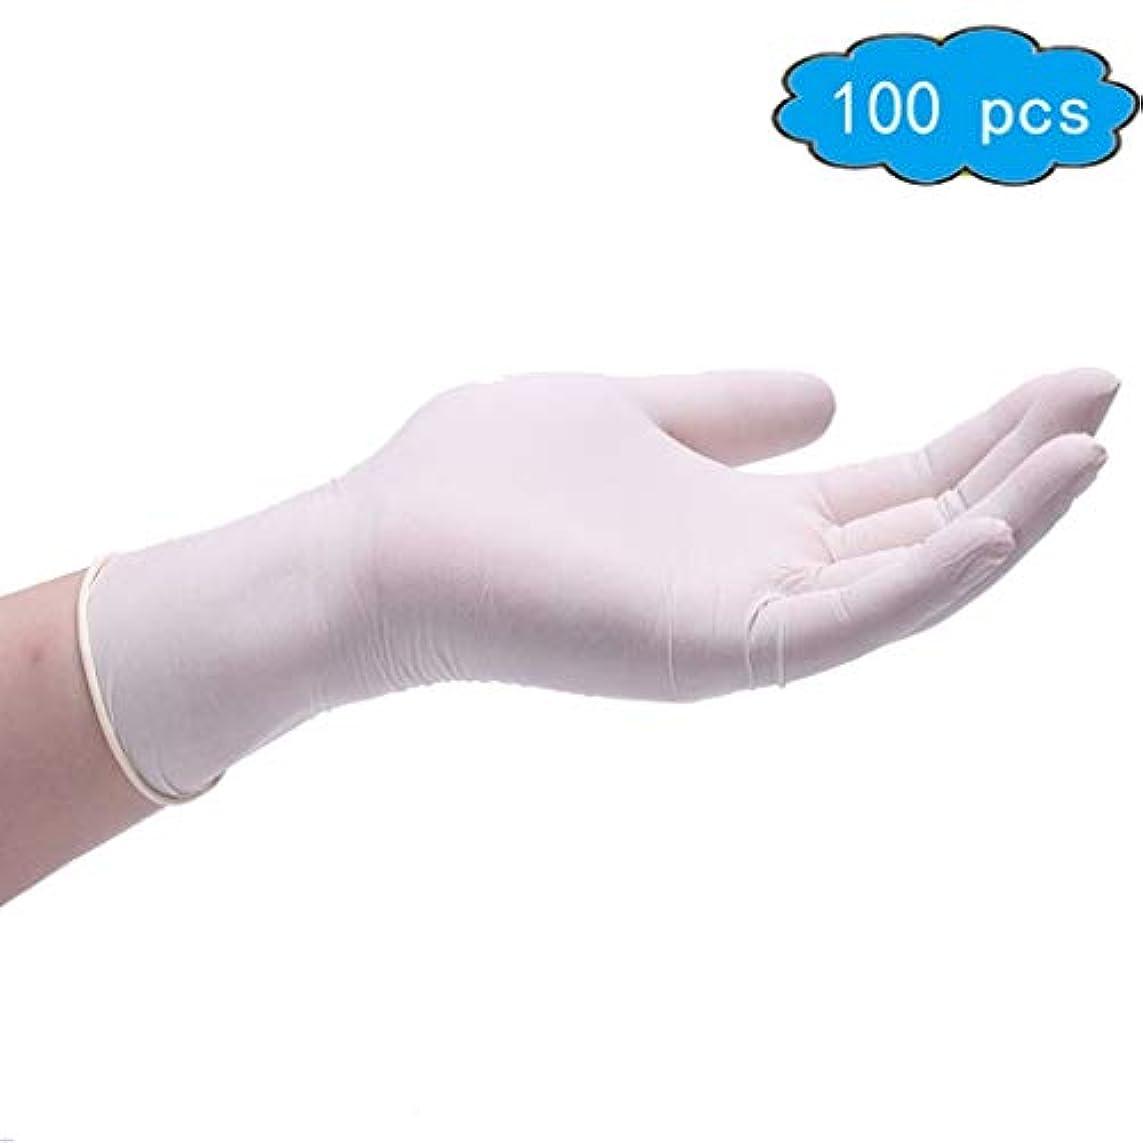 加速する叫び声フリル使い捨てラテックスゴム手袋、100カウント、大–パウダーフリー、両手利き、超快適、超強力、耐久性と伸縮性、医療、食品および多用途–肥厚、生理用手袋 (Color : White, Size : XL)